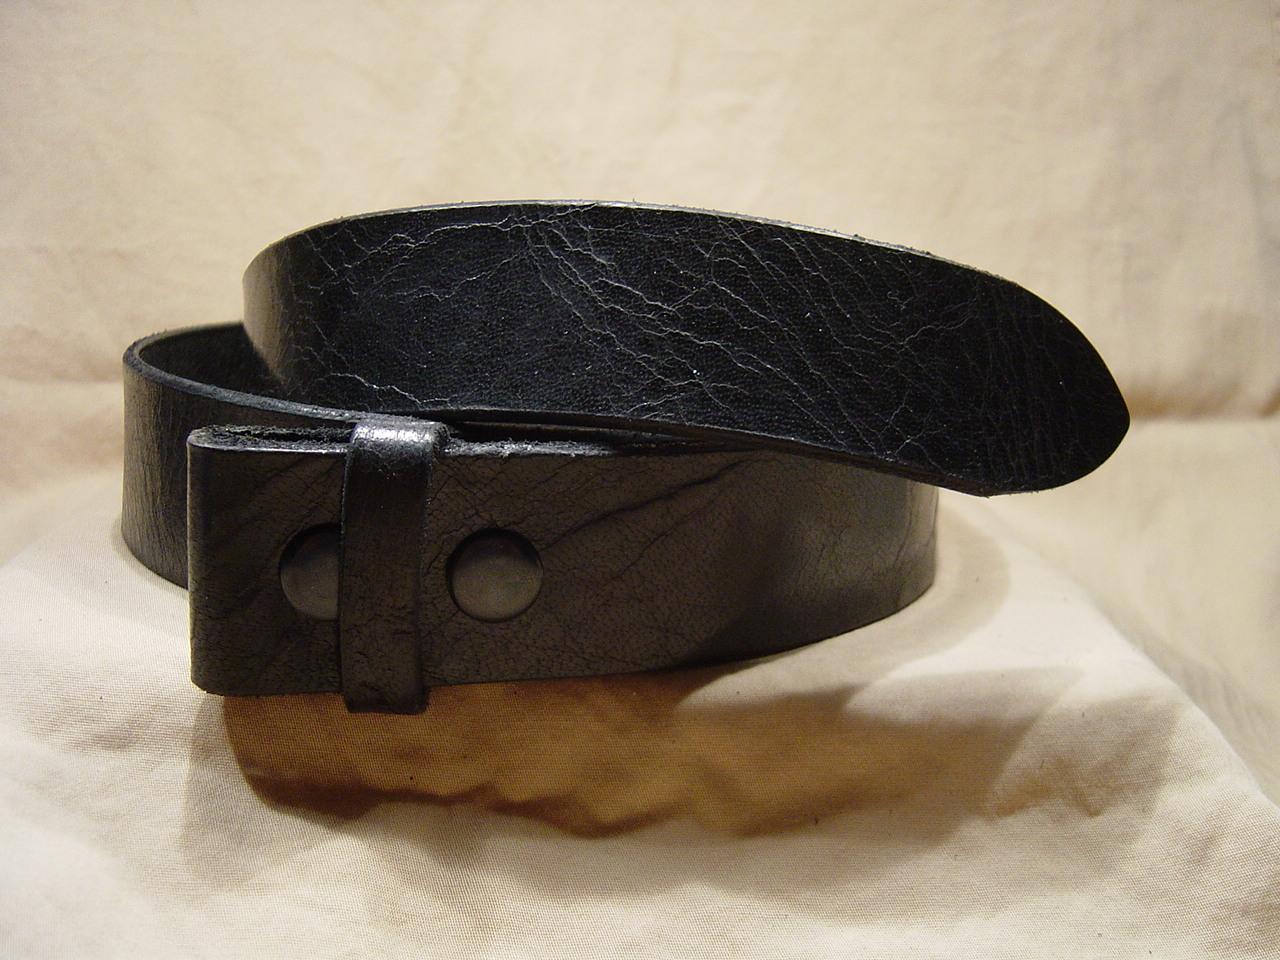 Antique Black leather belt